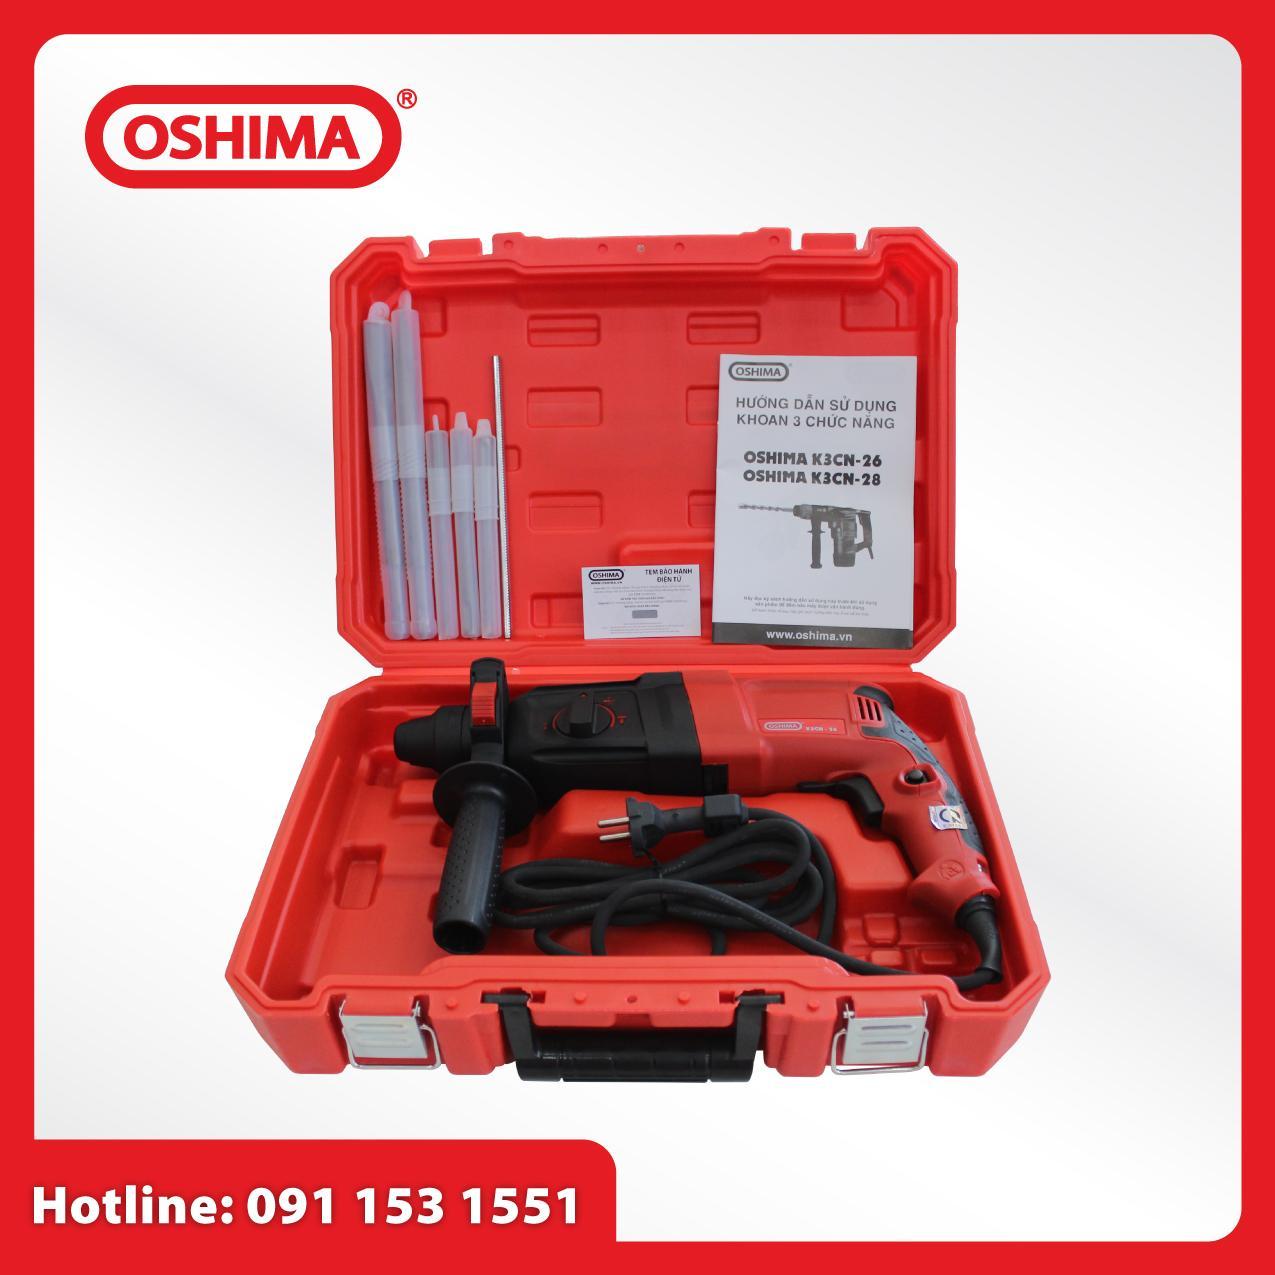 Khoan đục 3 chức năng Oshima K3CN26